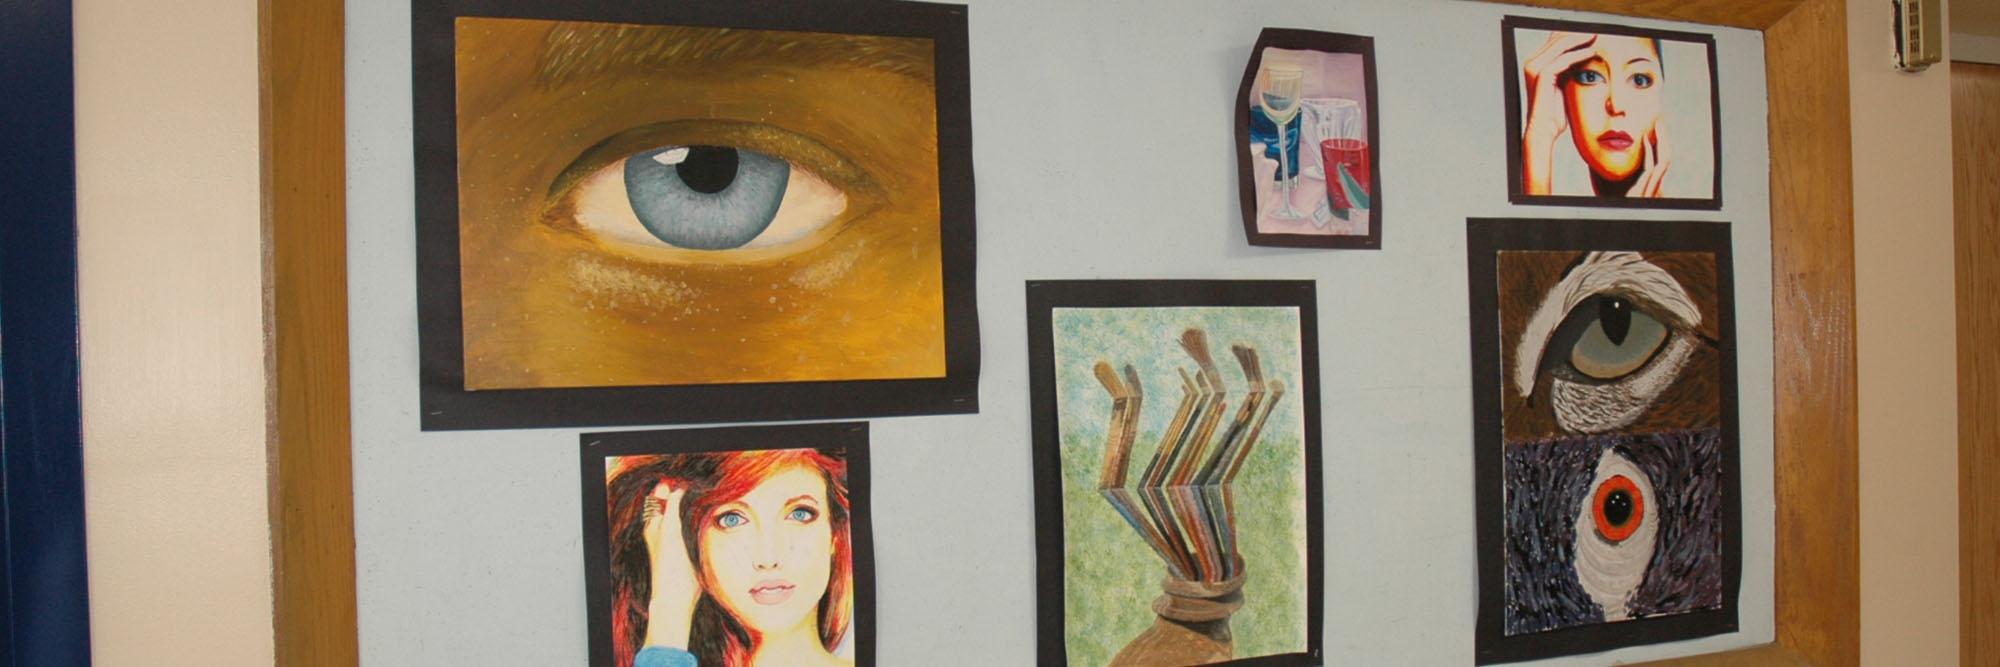 3-Artwork